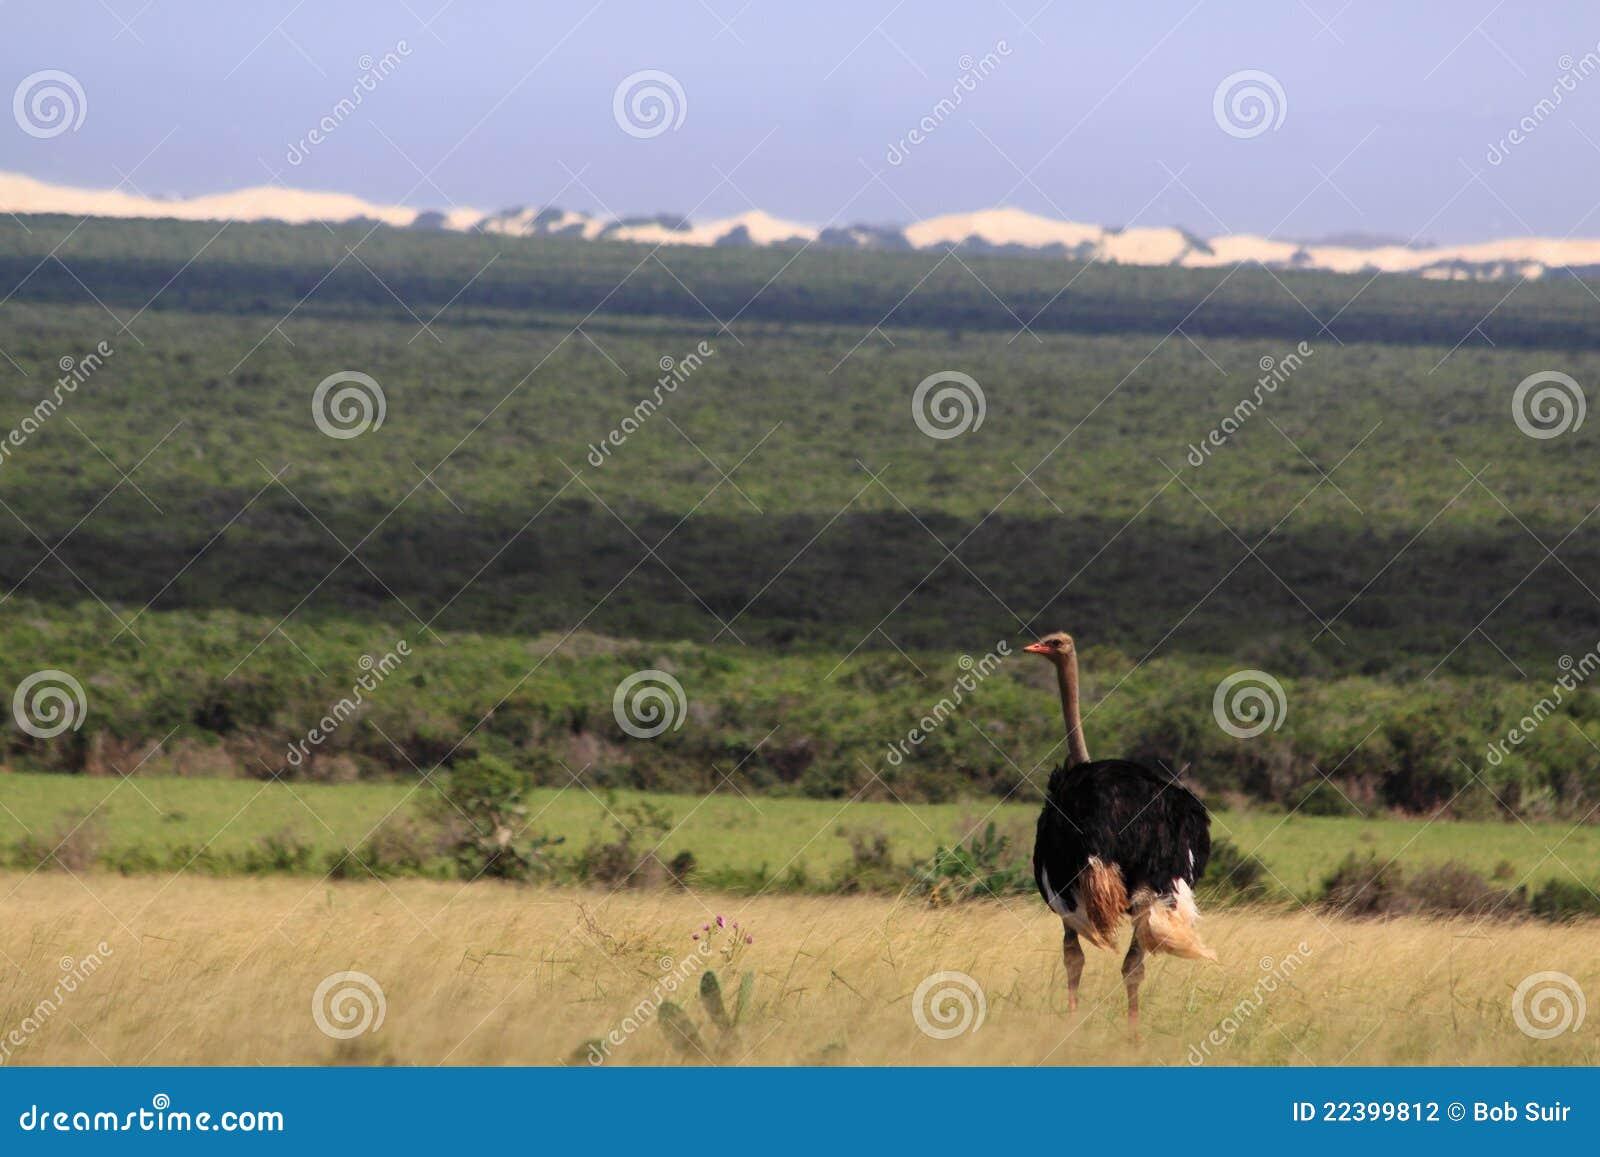 Africa dziki męski strusi południowy